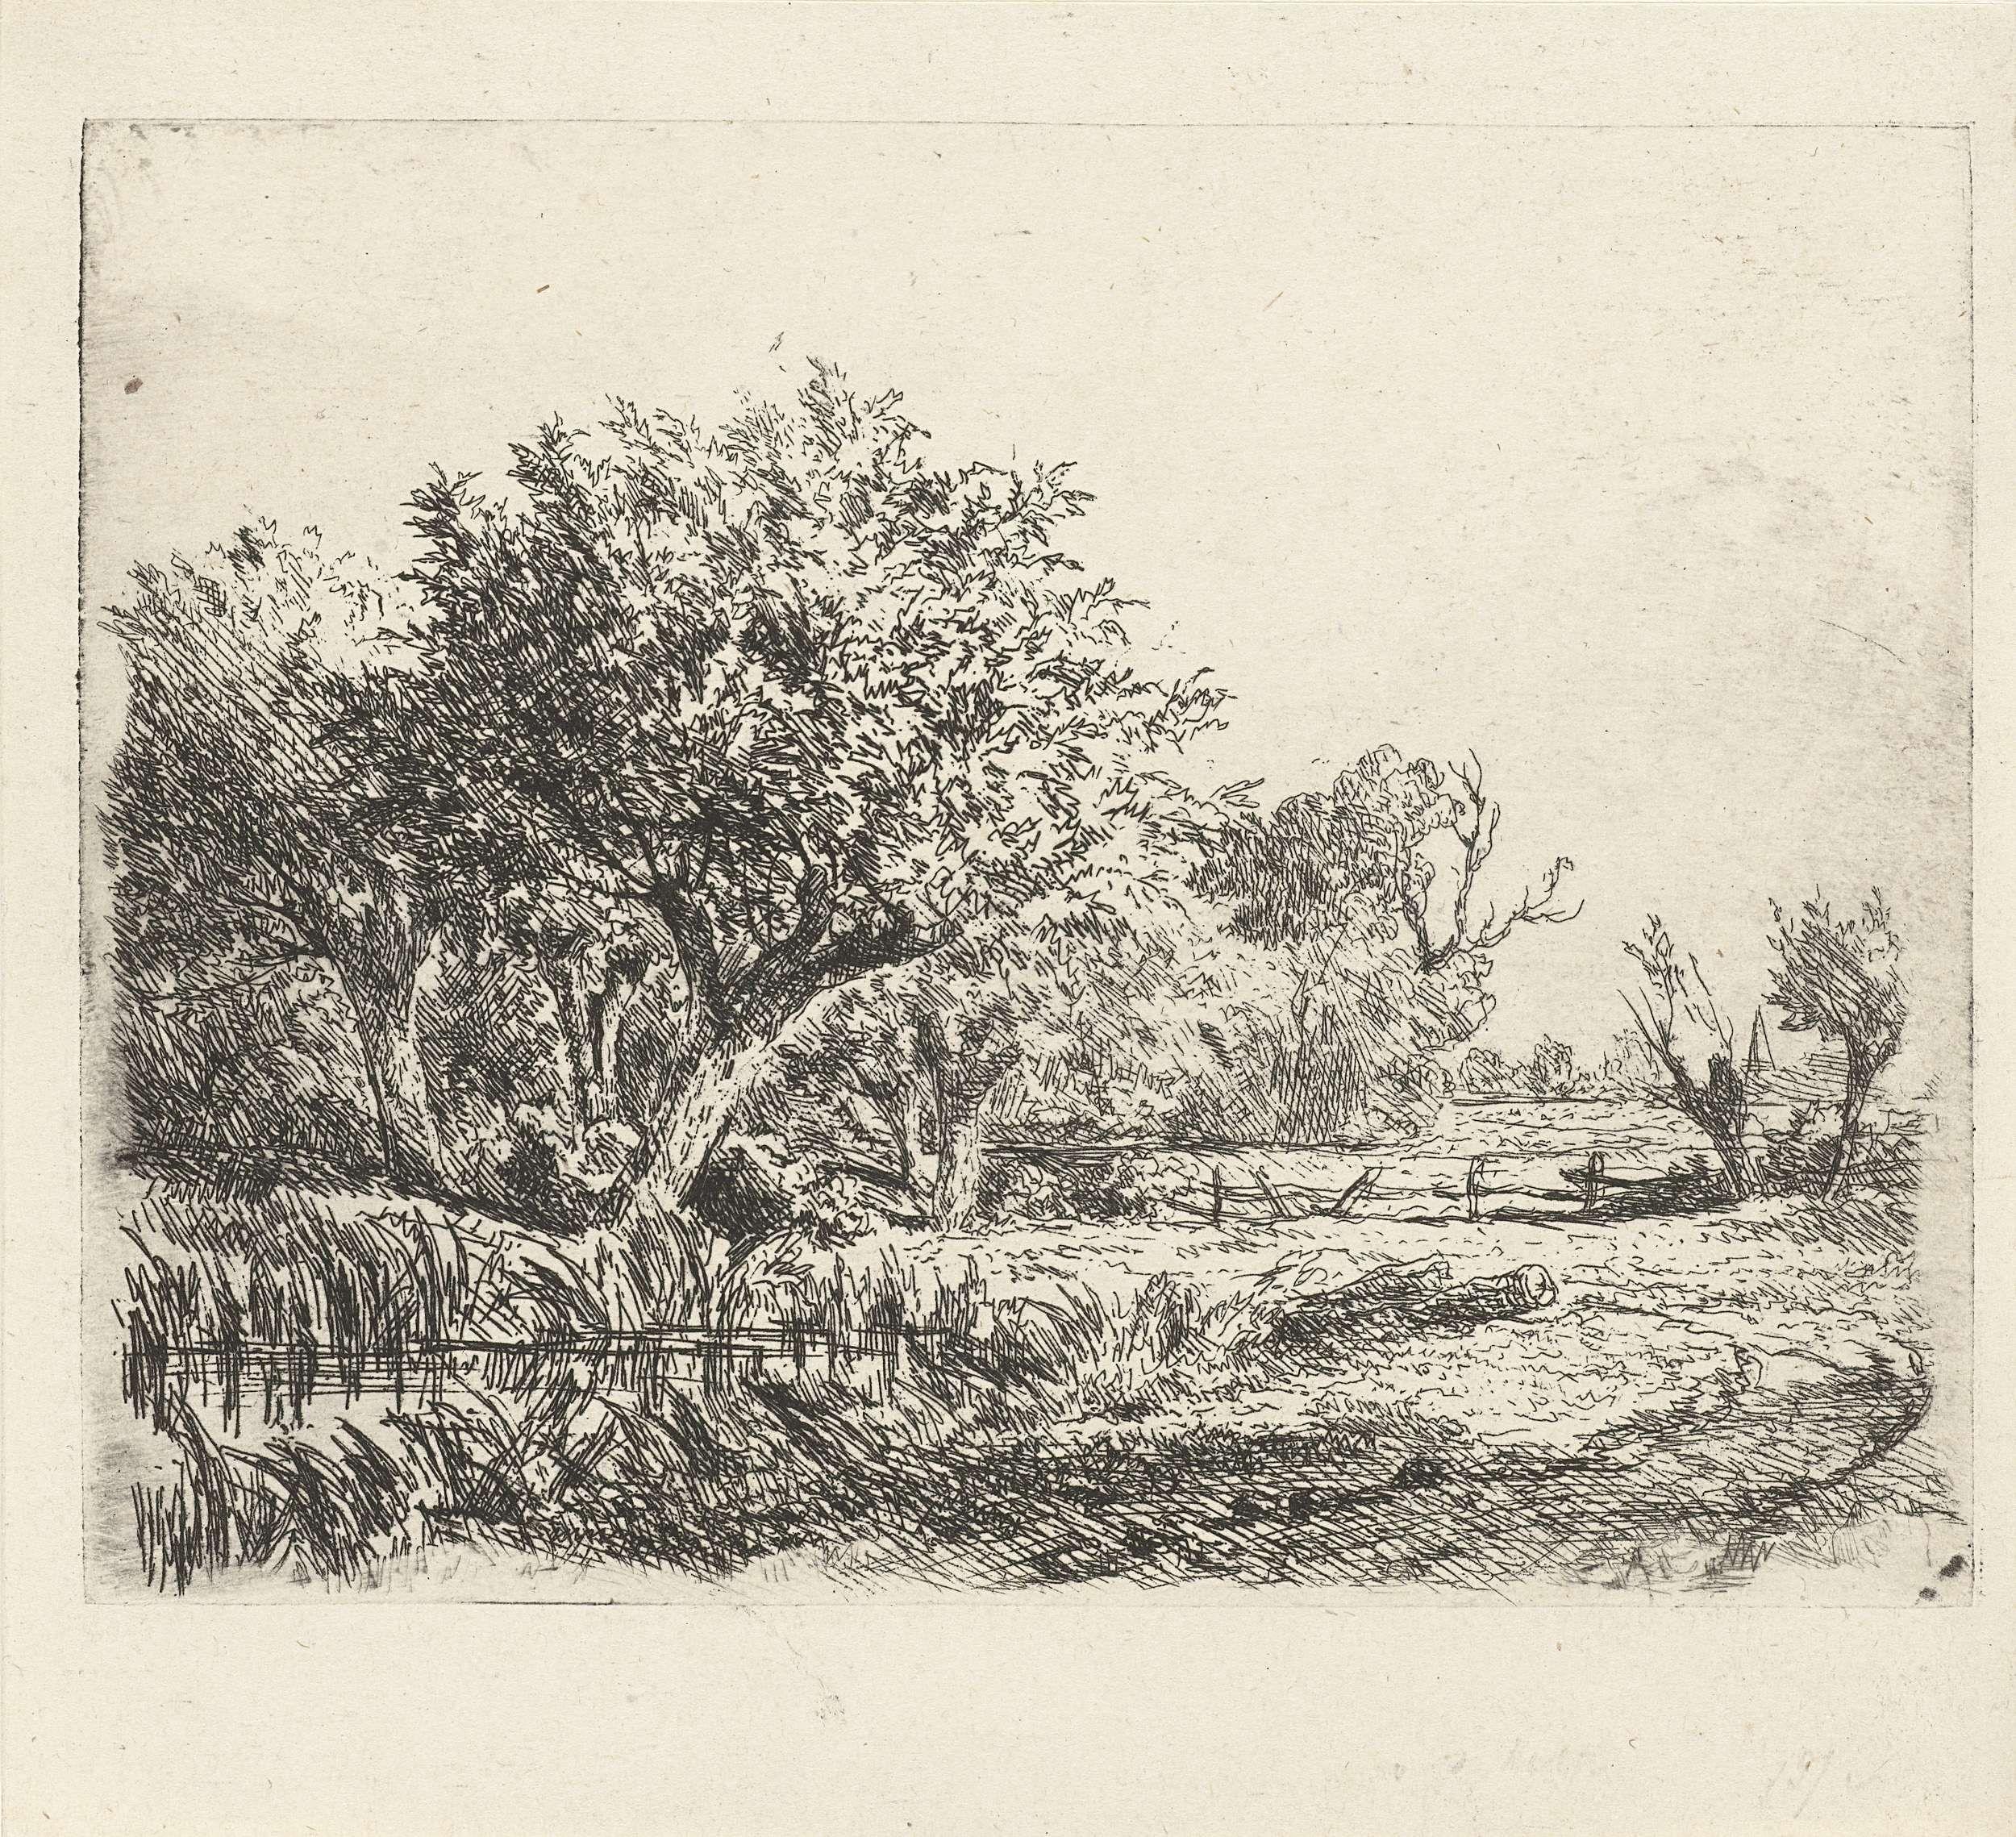 Adrianus van Everdingen | Wilgen bij een poel, Adrianus van Everdingen, 1842 - 1912 |